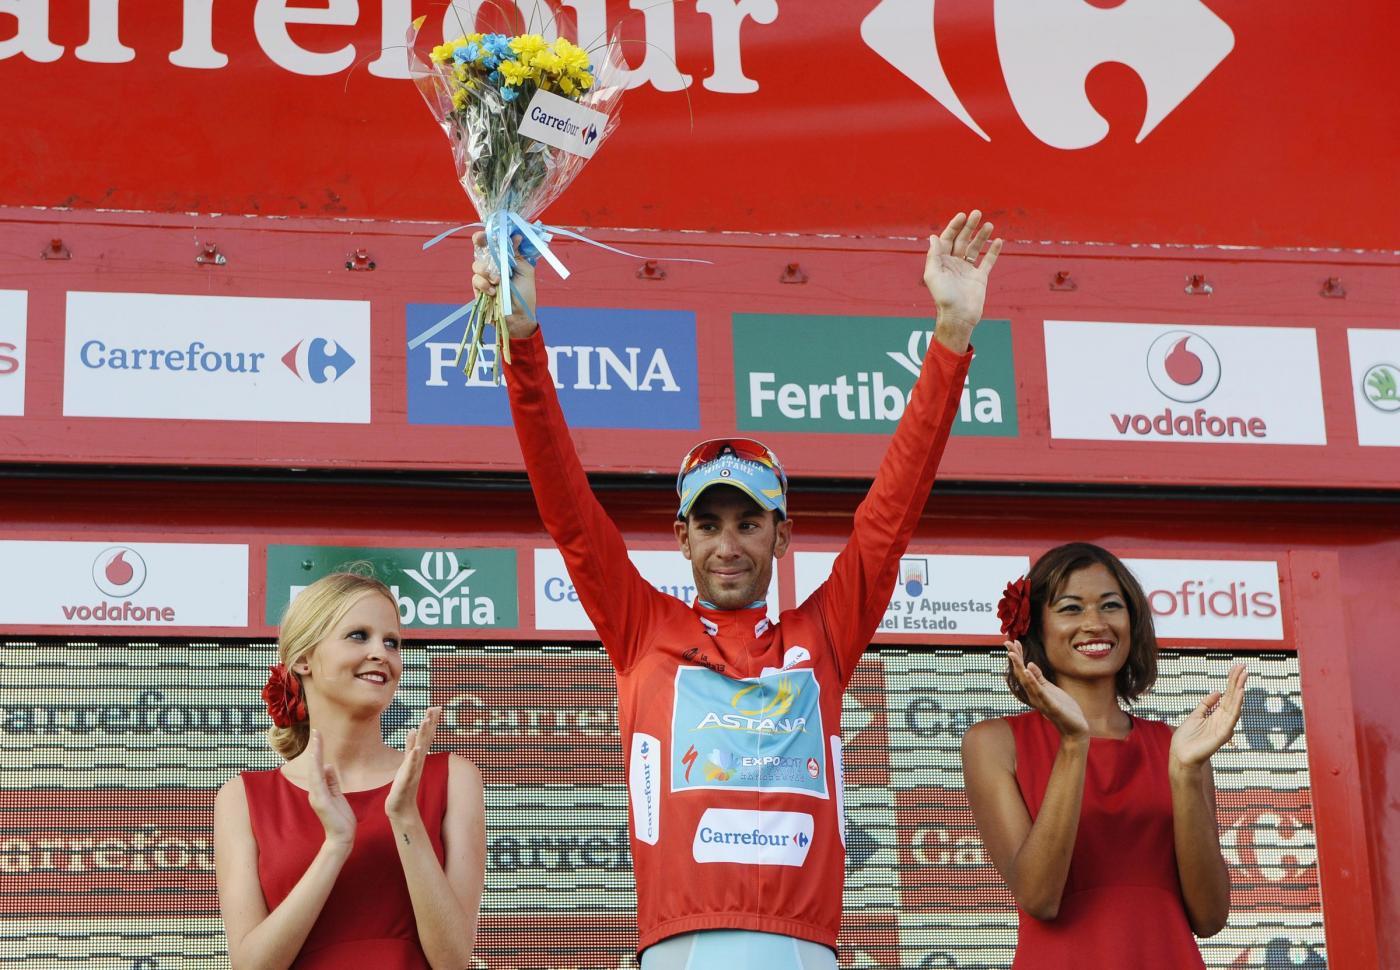 Vuelta di Spagna 2013 Nibali